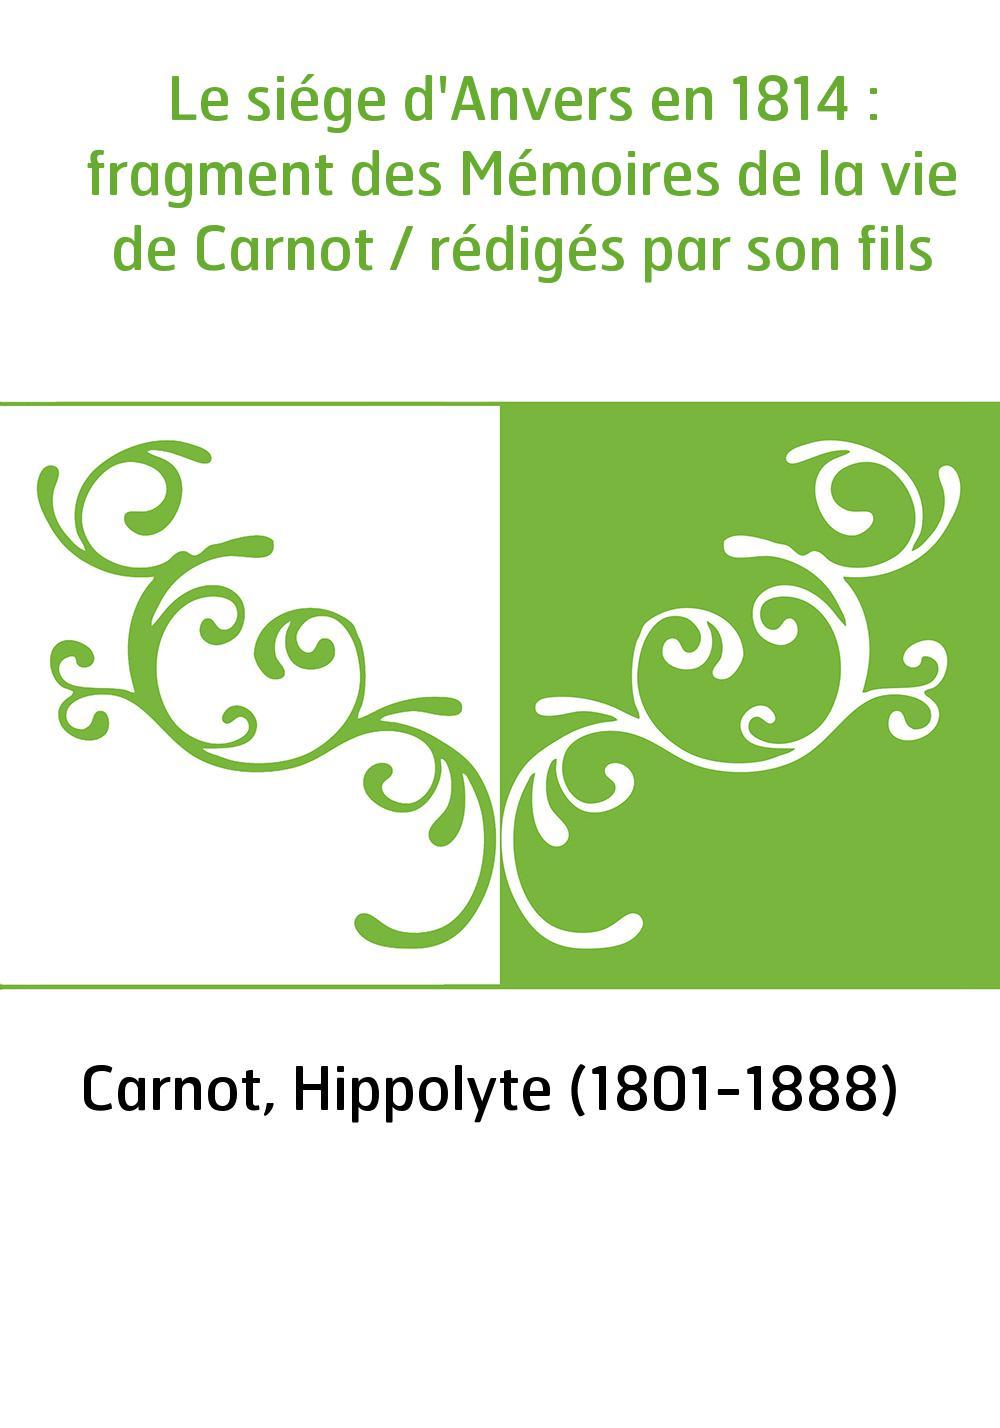 Le siége d'Anvers en 1814 : fragment des Mémoires de la vie de Carnot / rédigés par son fils